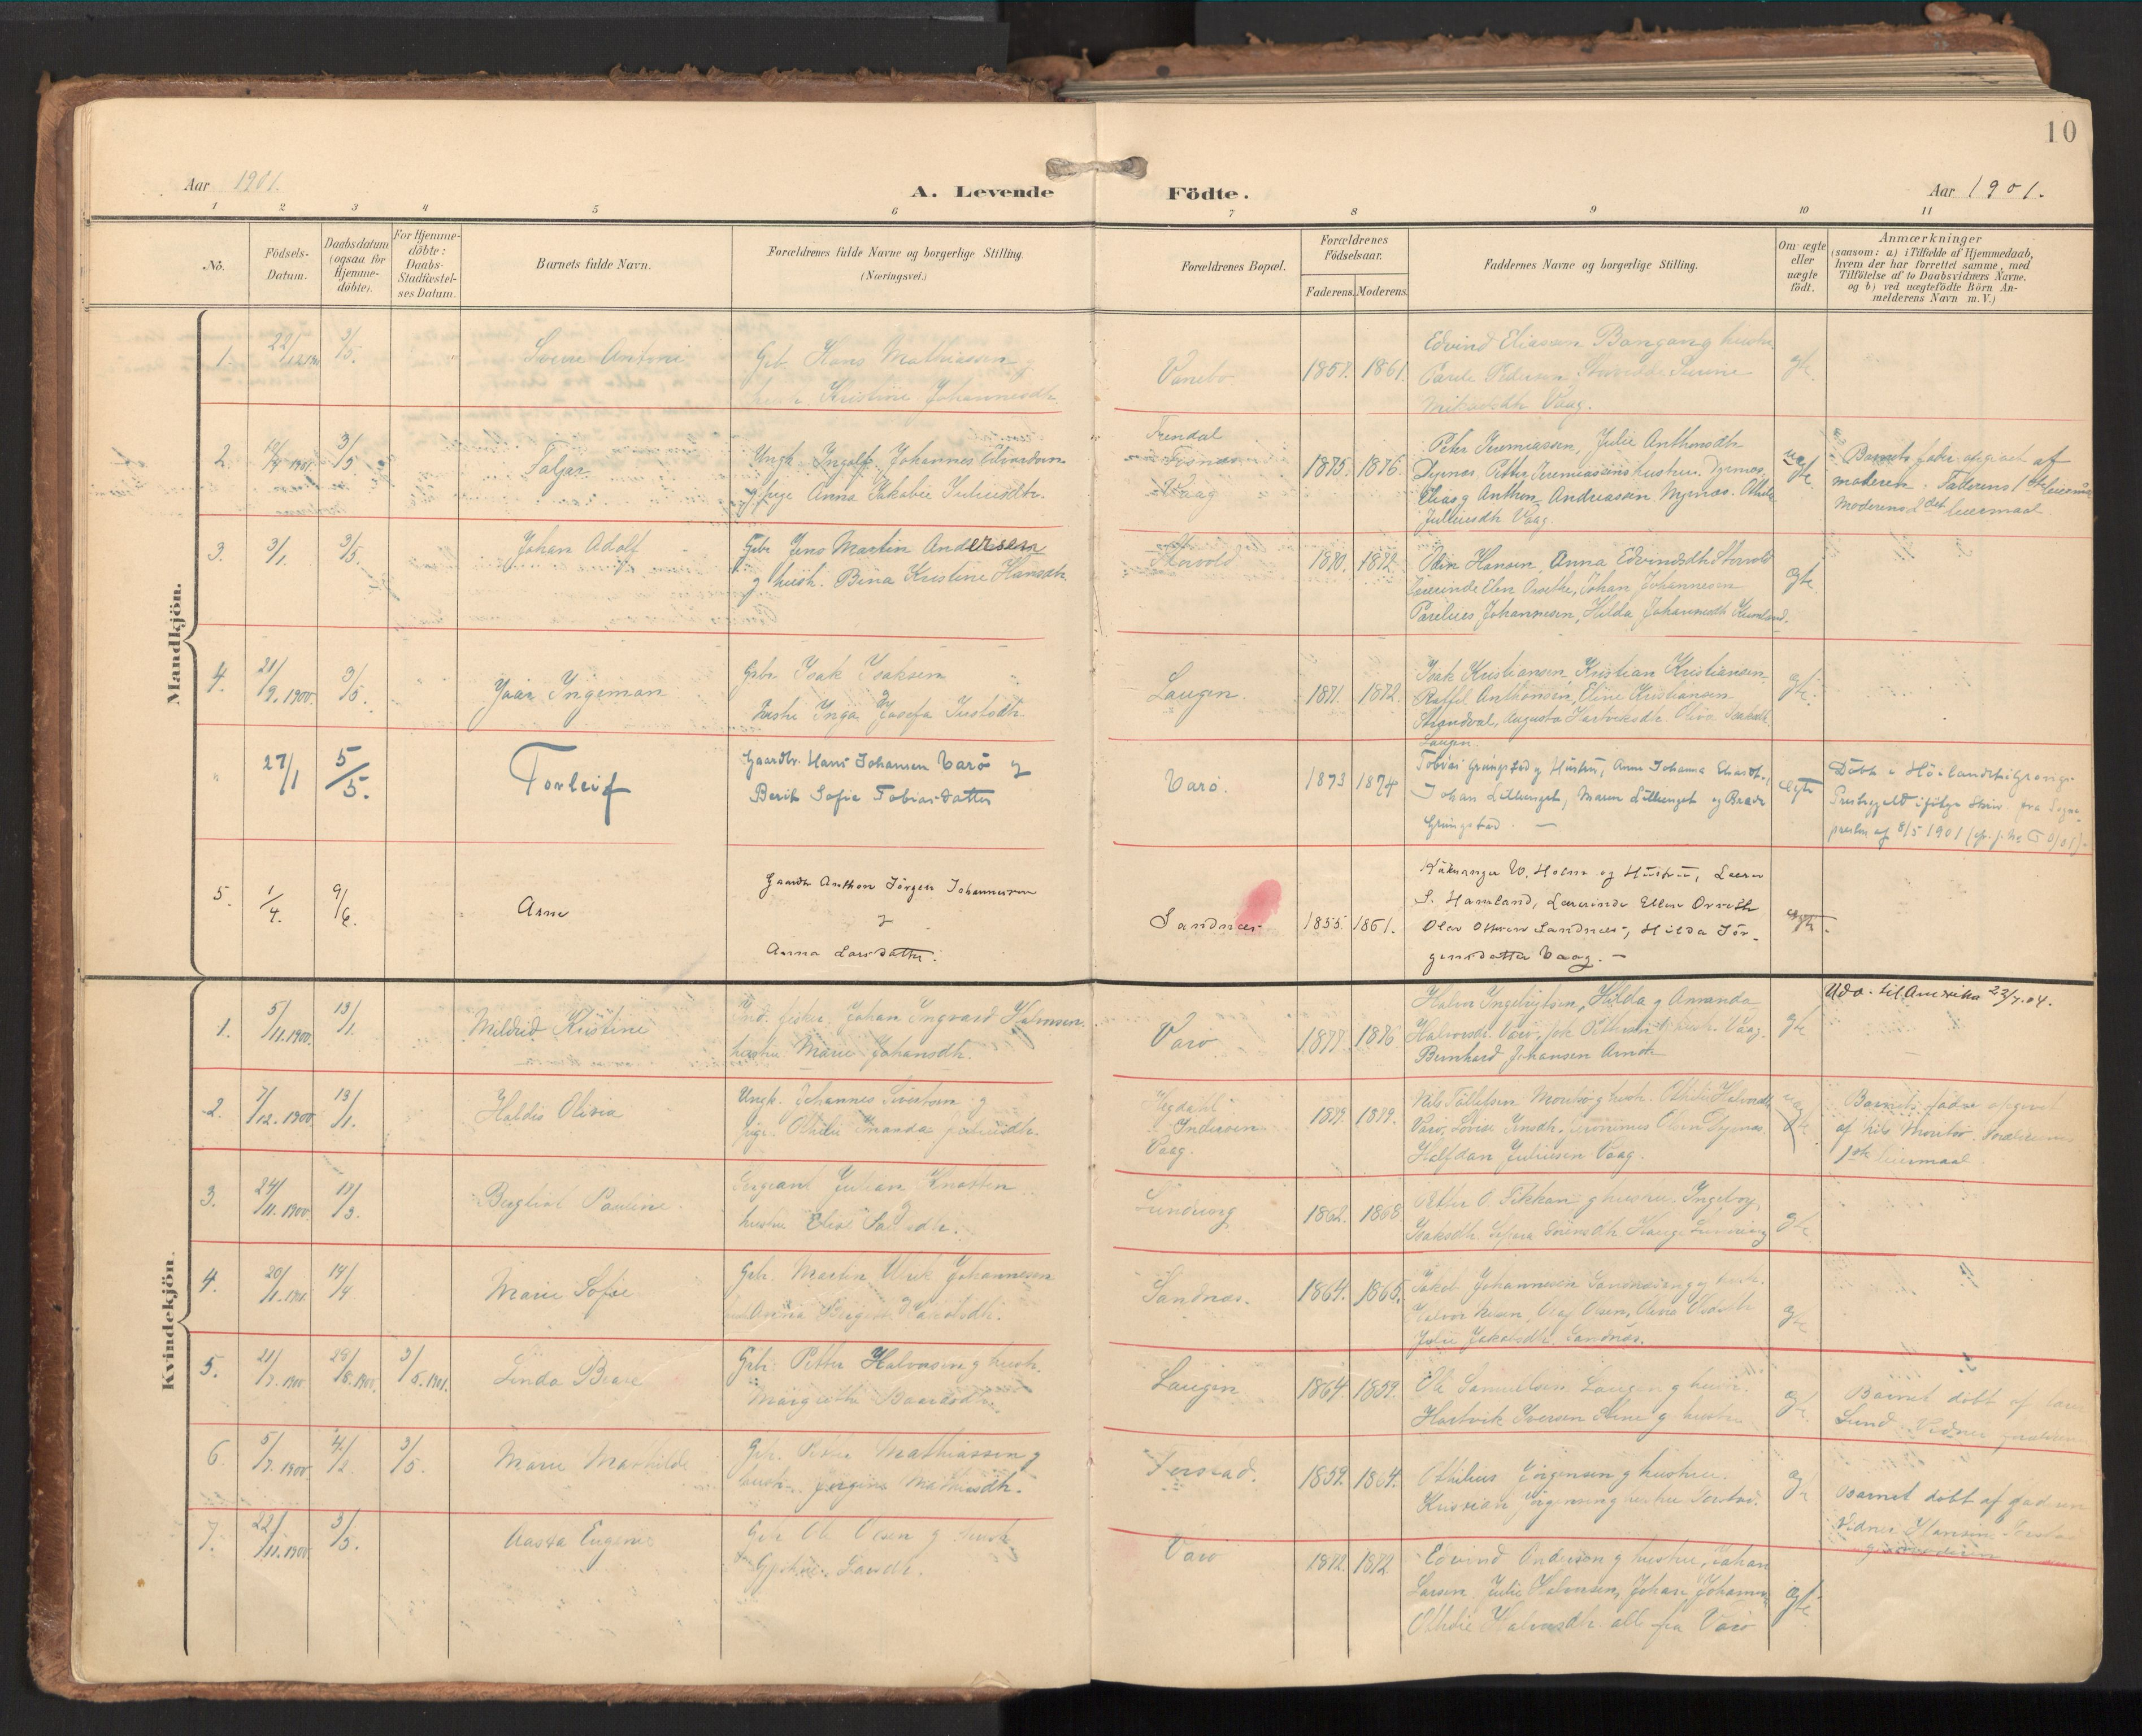 SAT, Ministerialprotokoller, klokkerbøker og fødselsregistre - Nord-Trøndelag, 784/L0677: Ministerialbok nr. 784A12, 1900-1920, s. 10